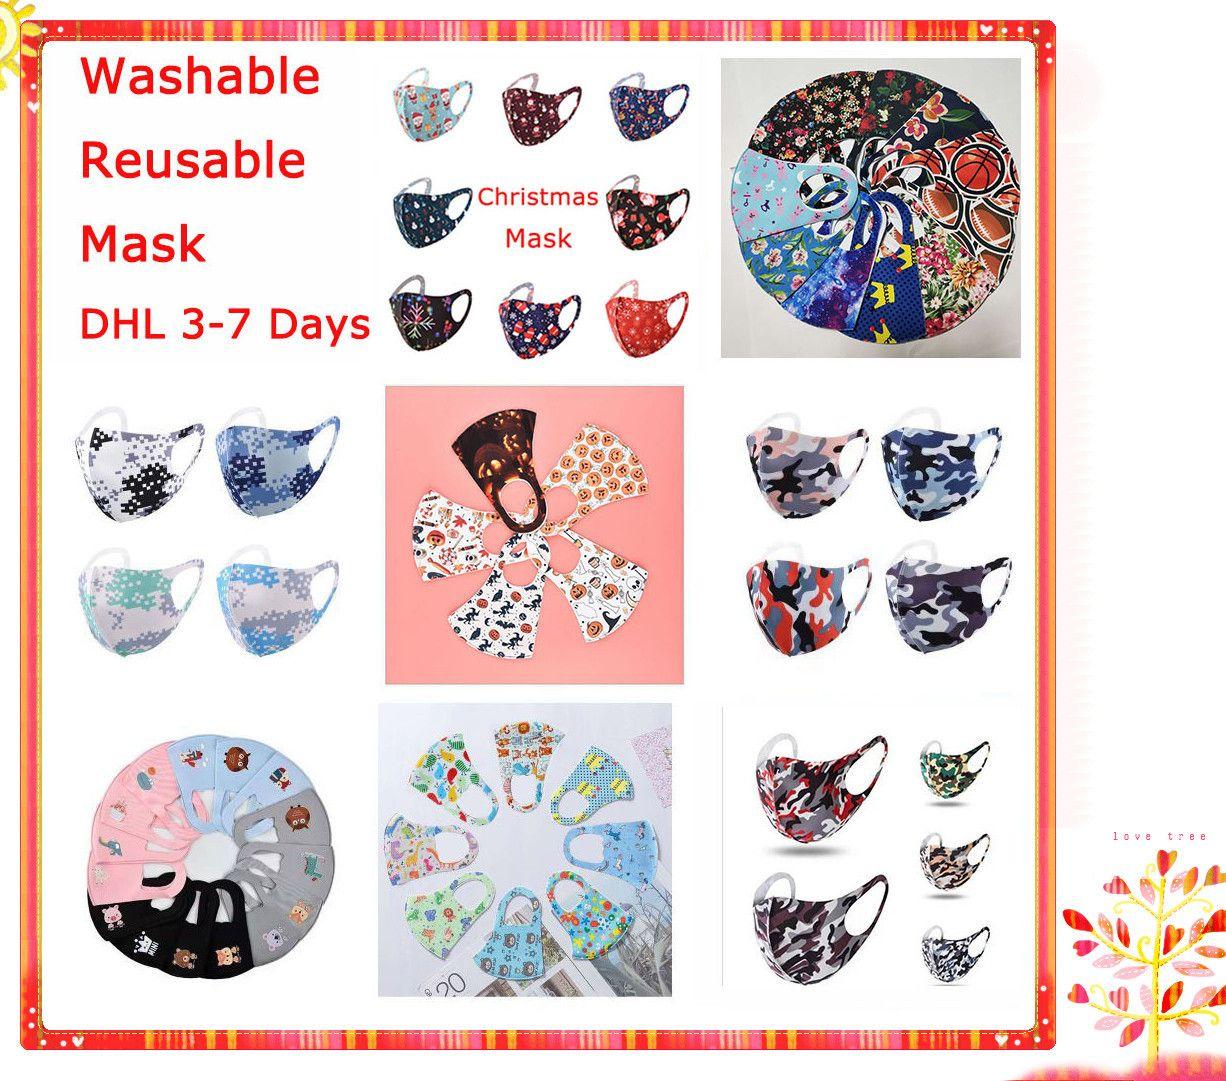 Máscara Chrismas Cover Mascarilla de diseño 3D Cara adulto para la boca antibacteriana BOB HALLOWEEN Seda niños Diseño Reutilizable Máscaras lavables reutilizables DH LGBQC